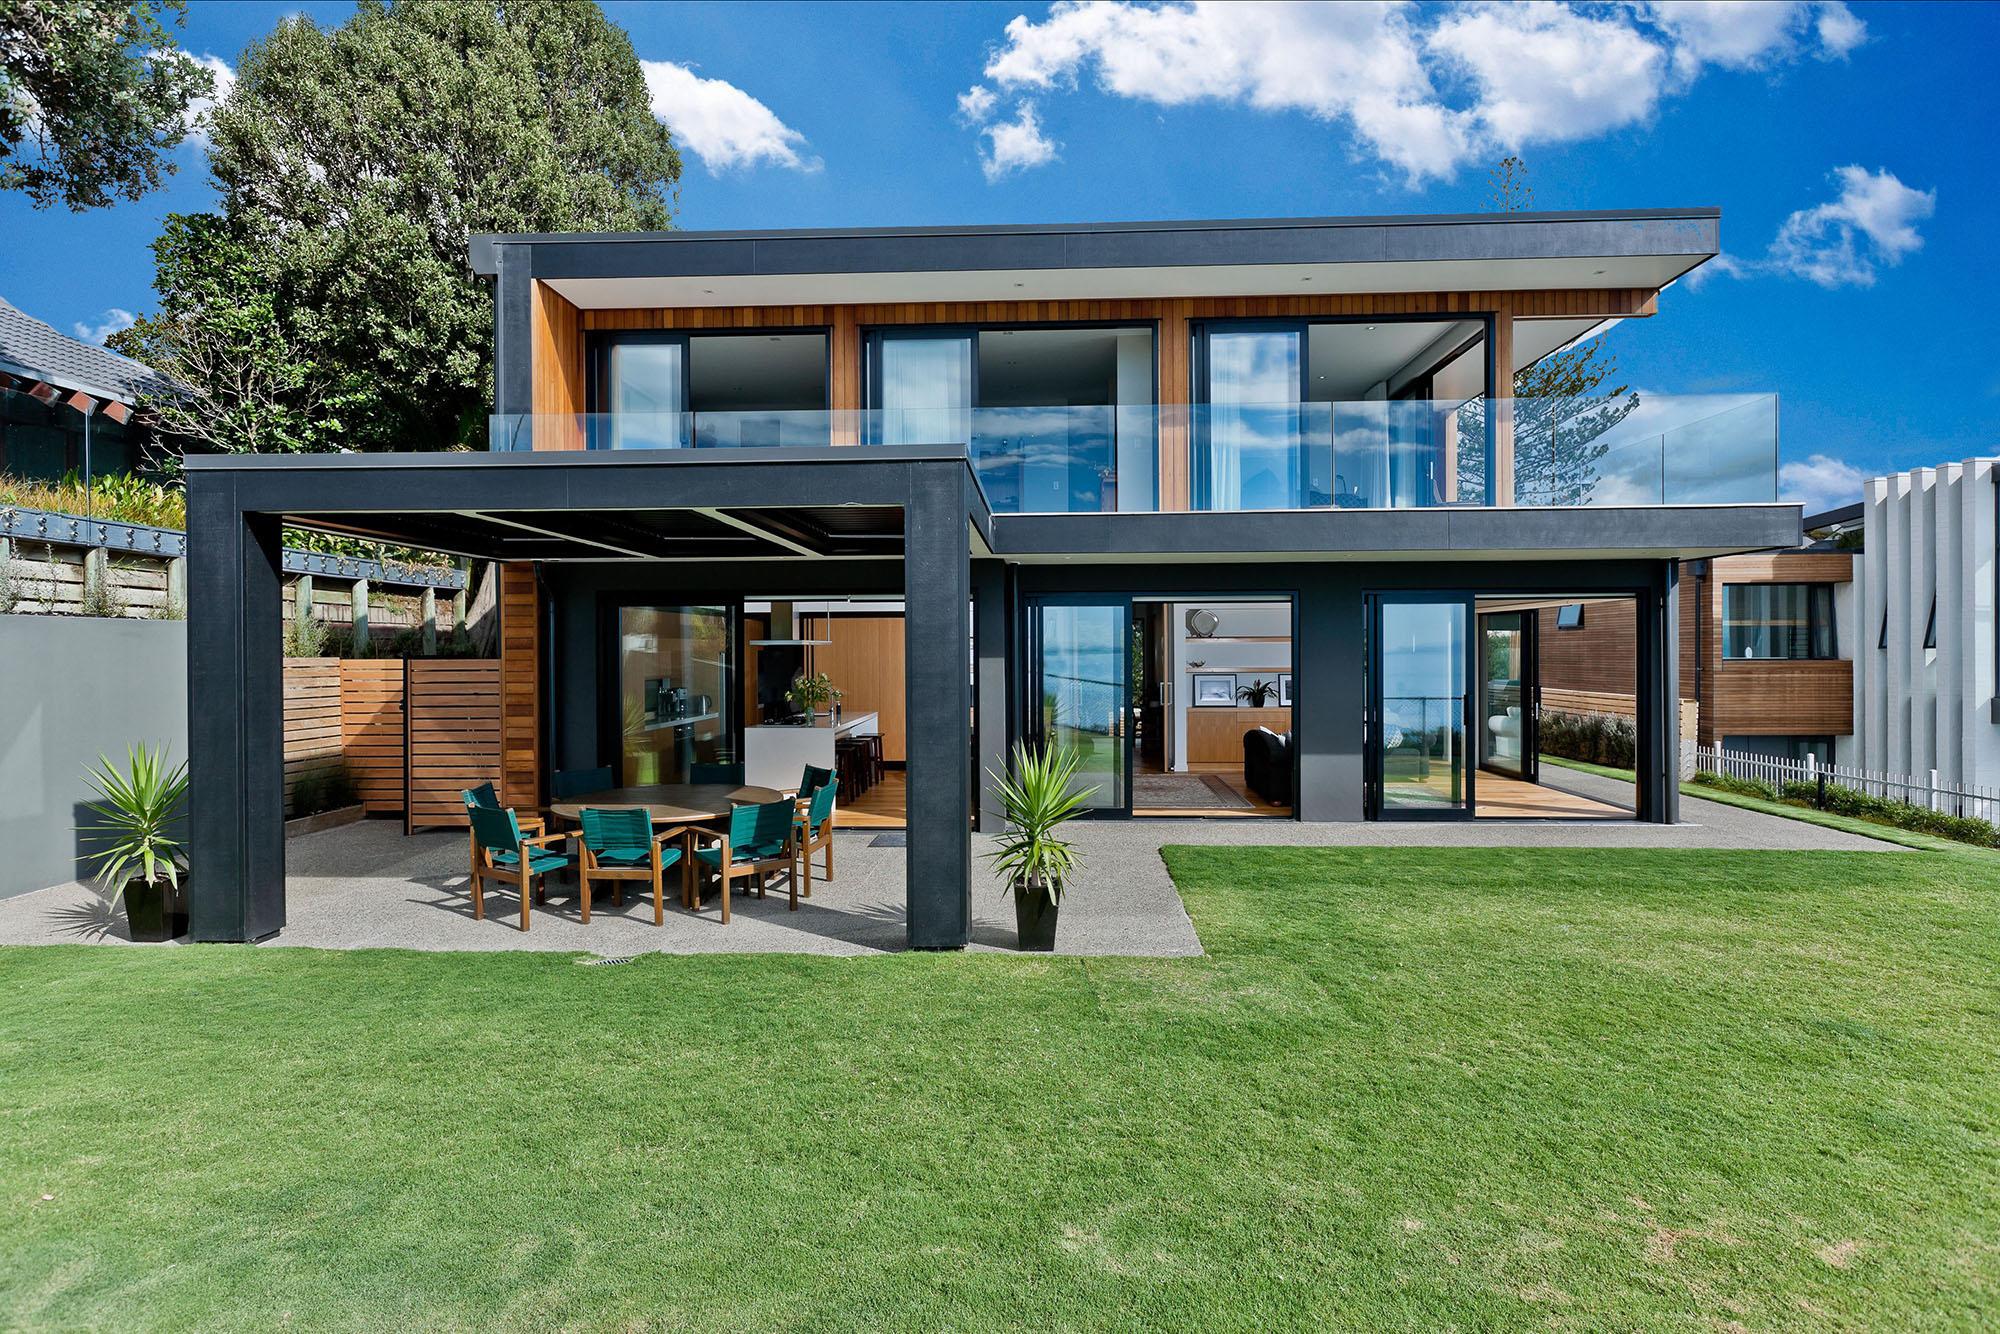 cac mau nha biet thu co san vuon dep nhat the gioi 26 50+ mẫu nhà biệt thự có sân vườn xanh mát mê mọi góc cạnh của thế giới